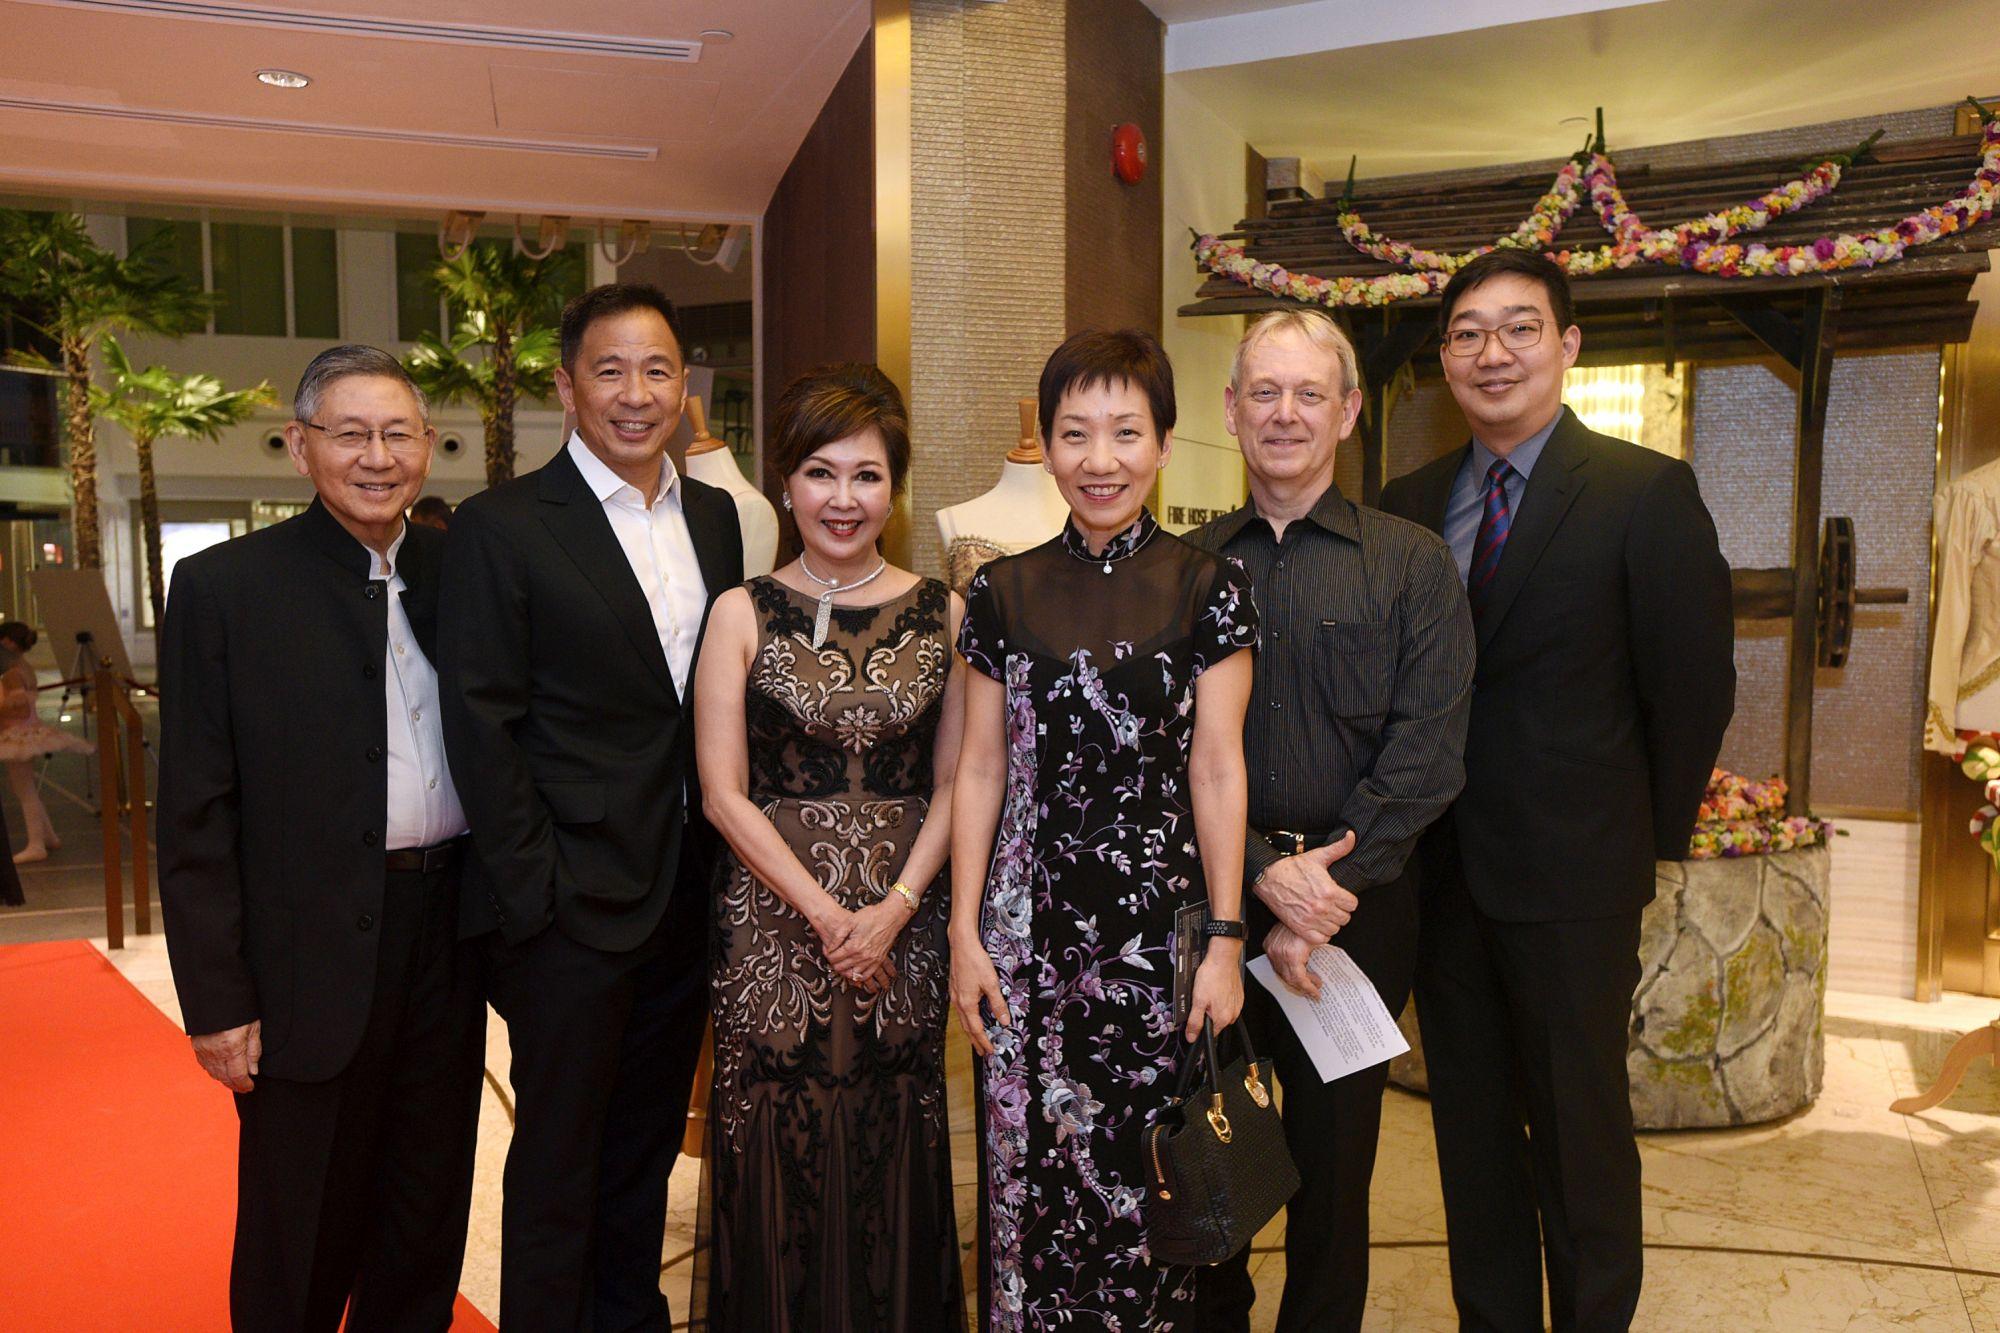 Michael Hwang, Lee Lung-Nien, Laura Hwang, Grace Fu, Janek Schergen, Kevin Cheok